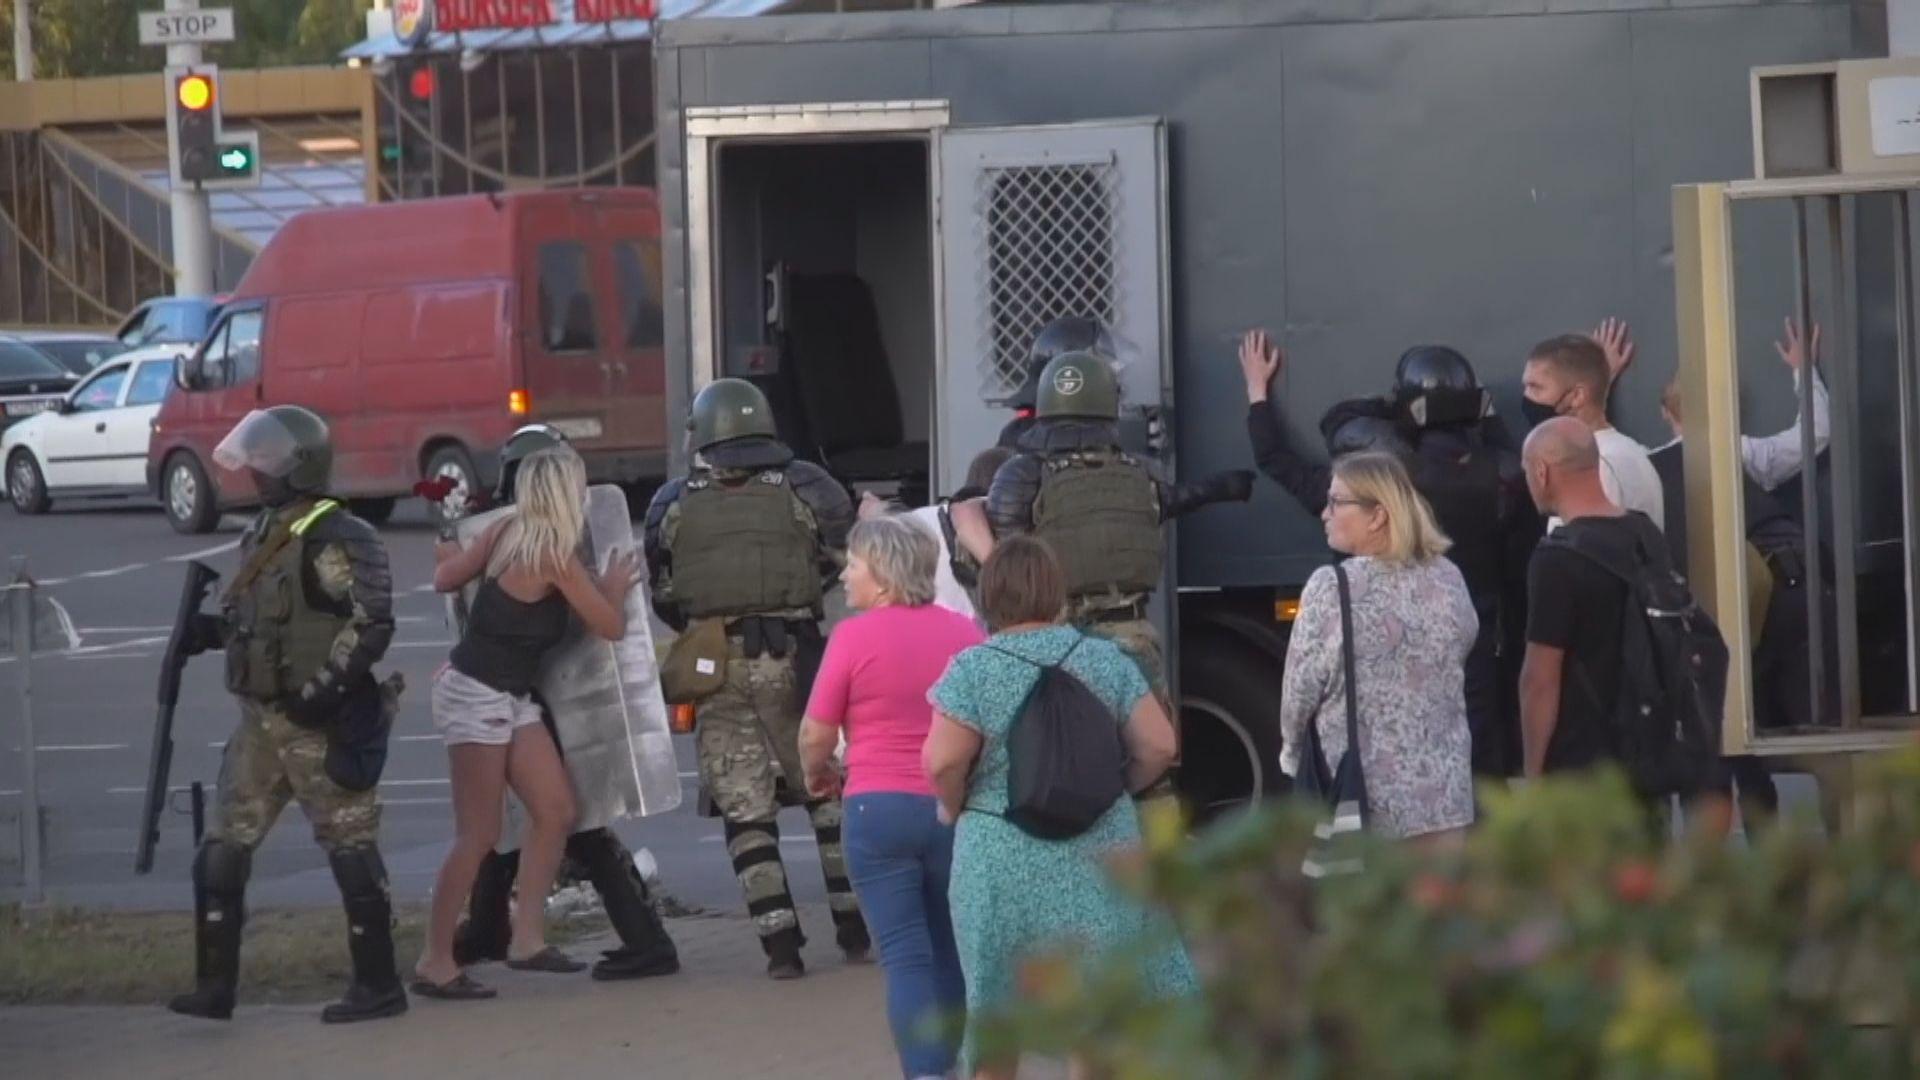 白俄羅斯反對派領袖籲軍人倒戈 過去行為可既往不究